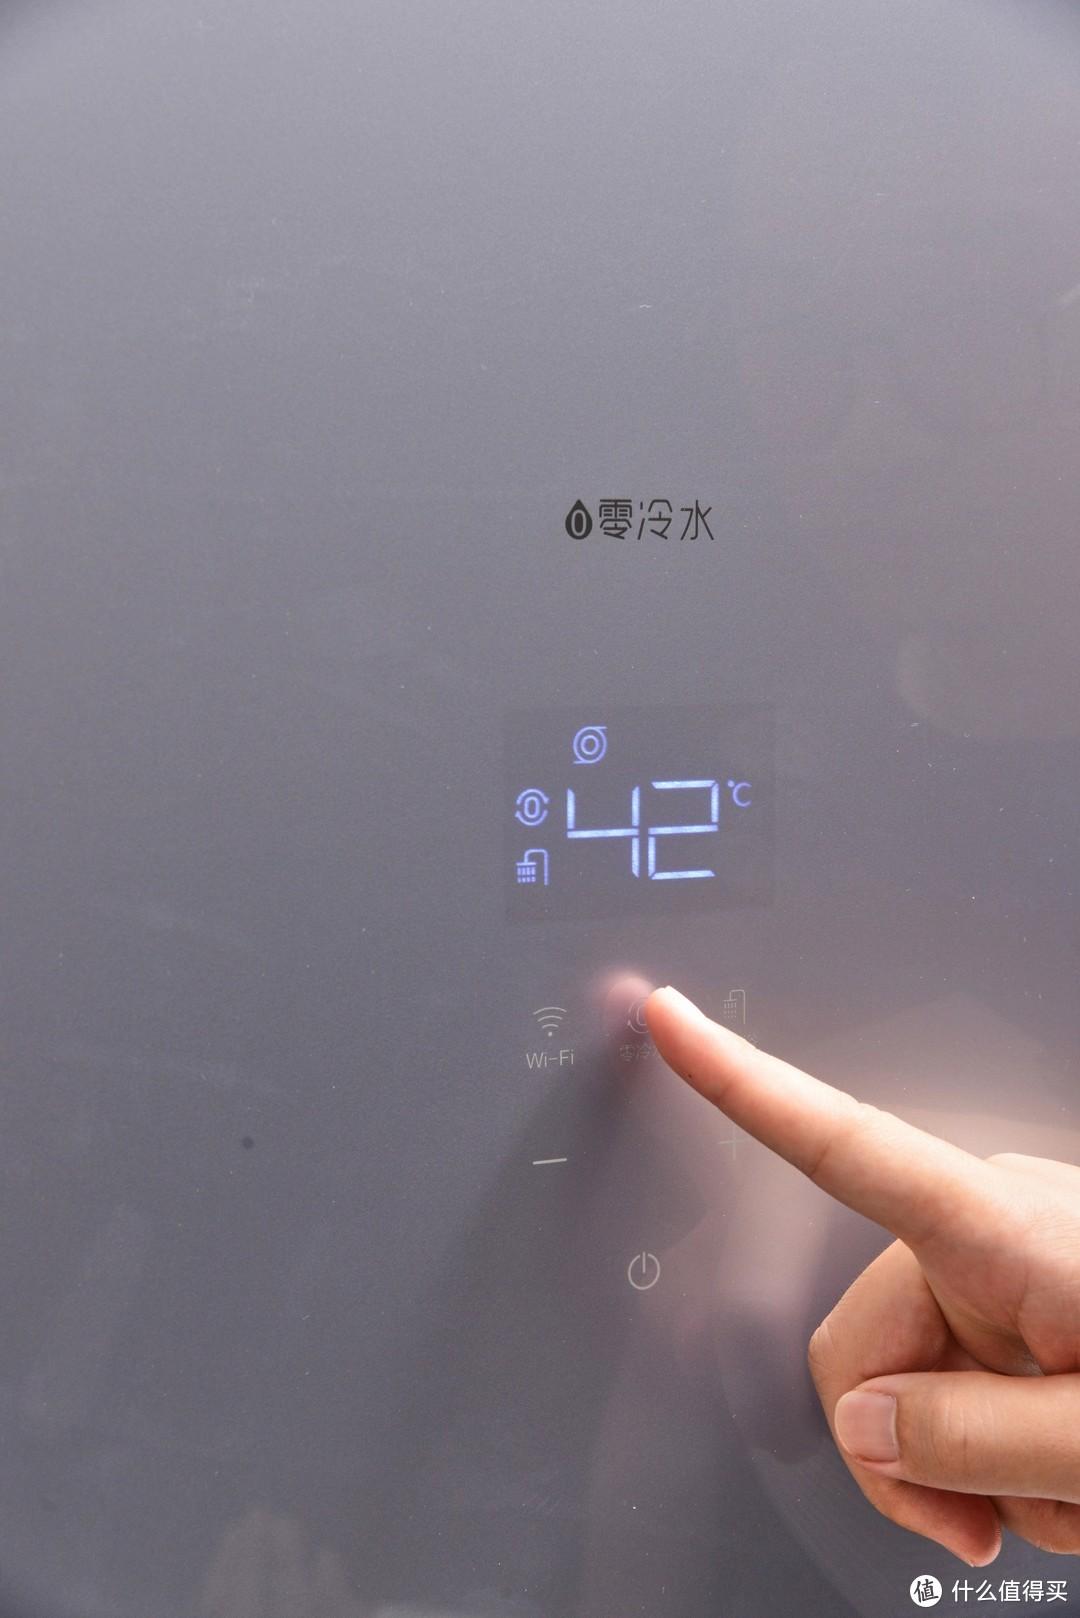 一键实现零冷水,享受热水澡自由